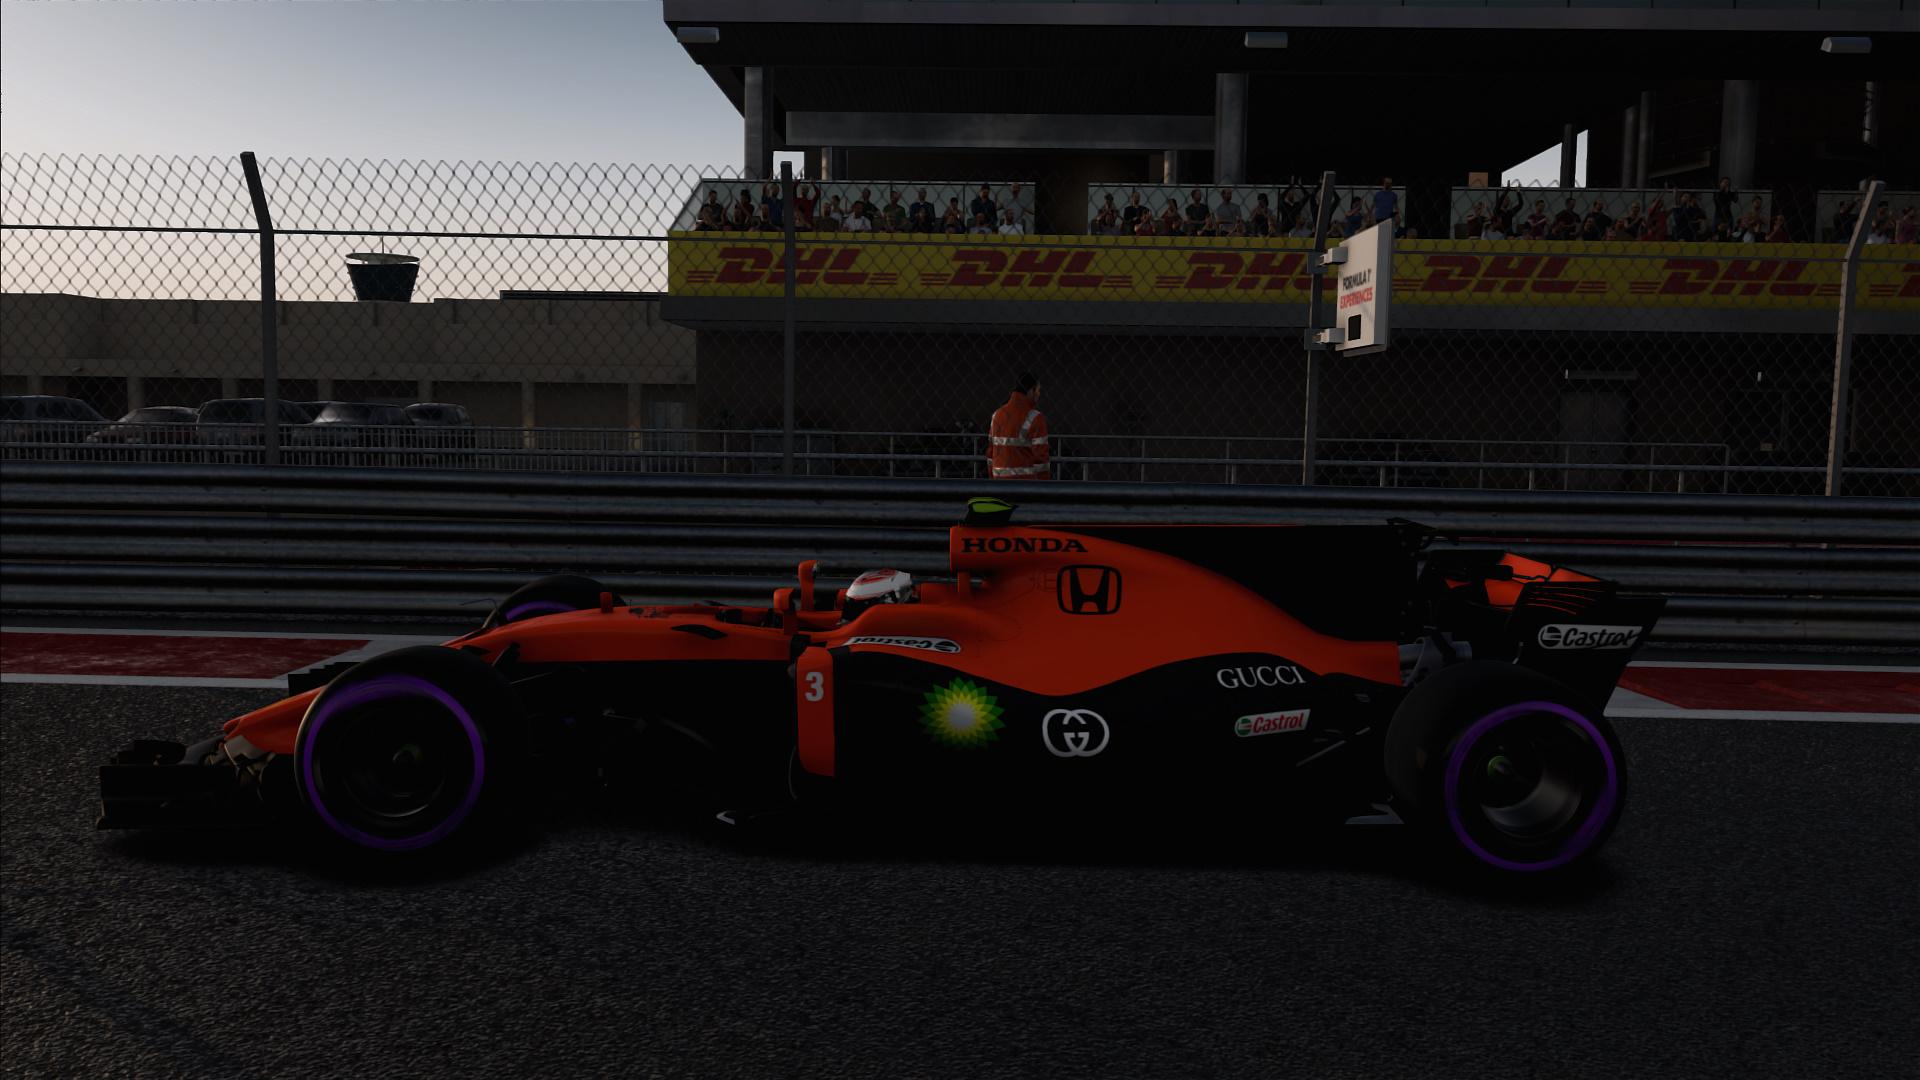 F1_2017 2017-12-24 20-01-52-655.jpg